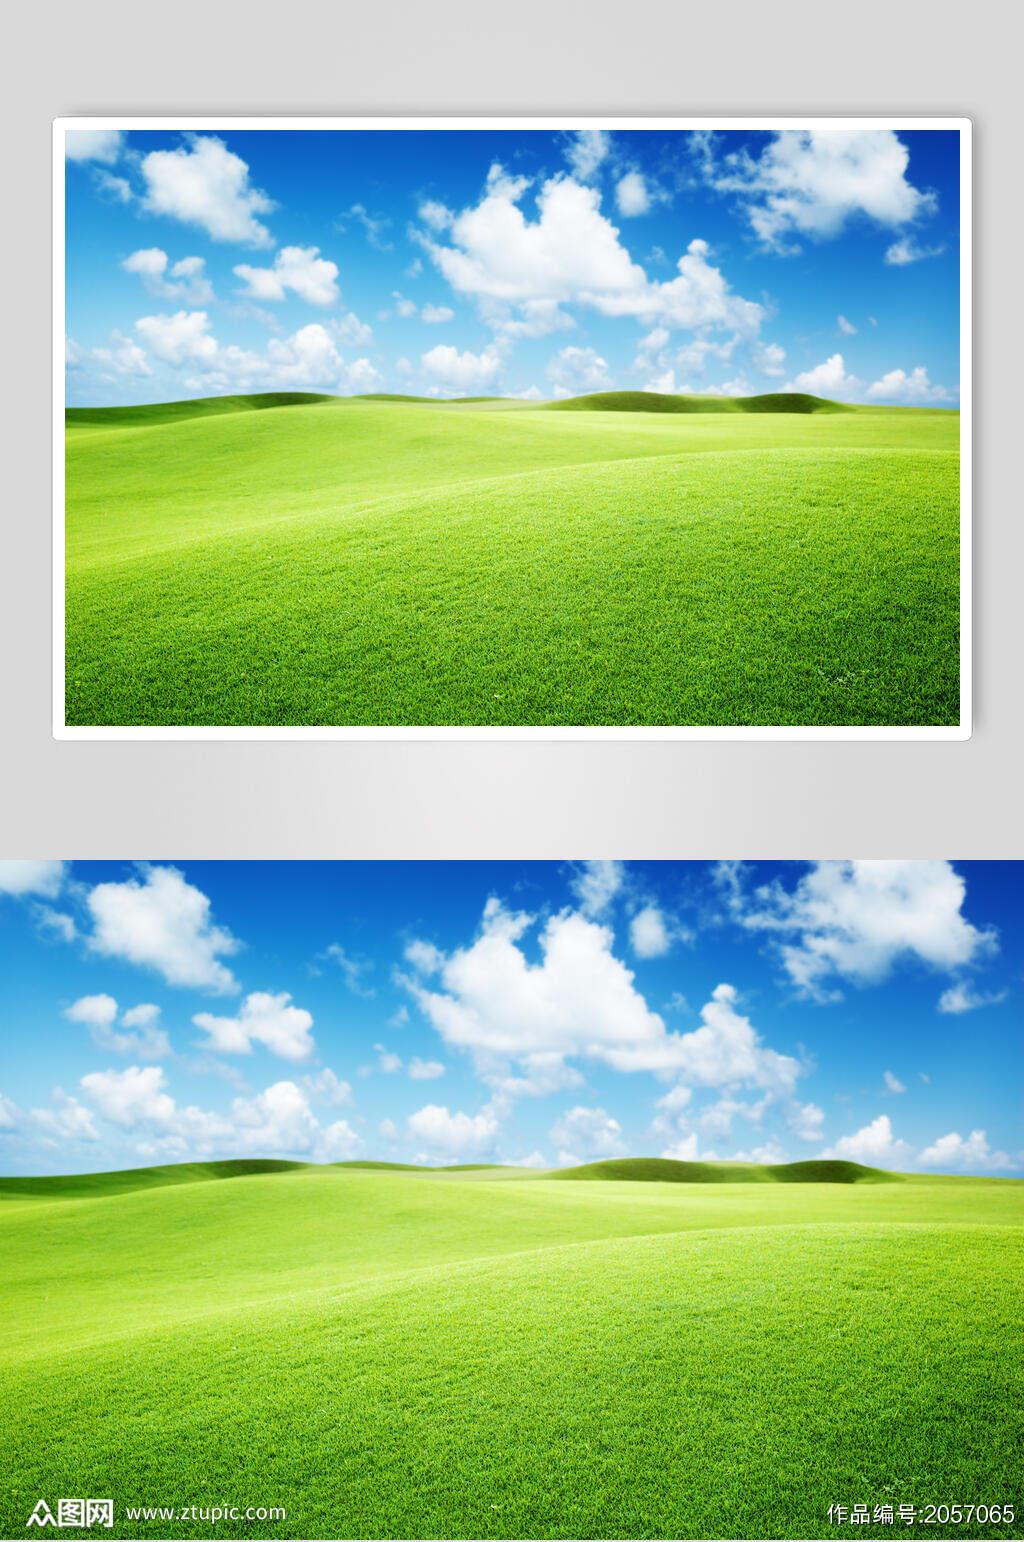 蓝天白云草地天空风景图片素材